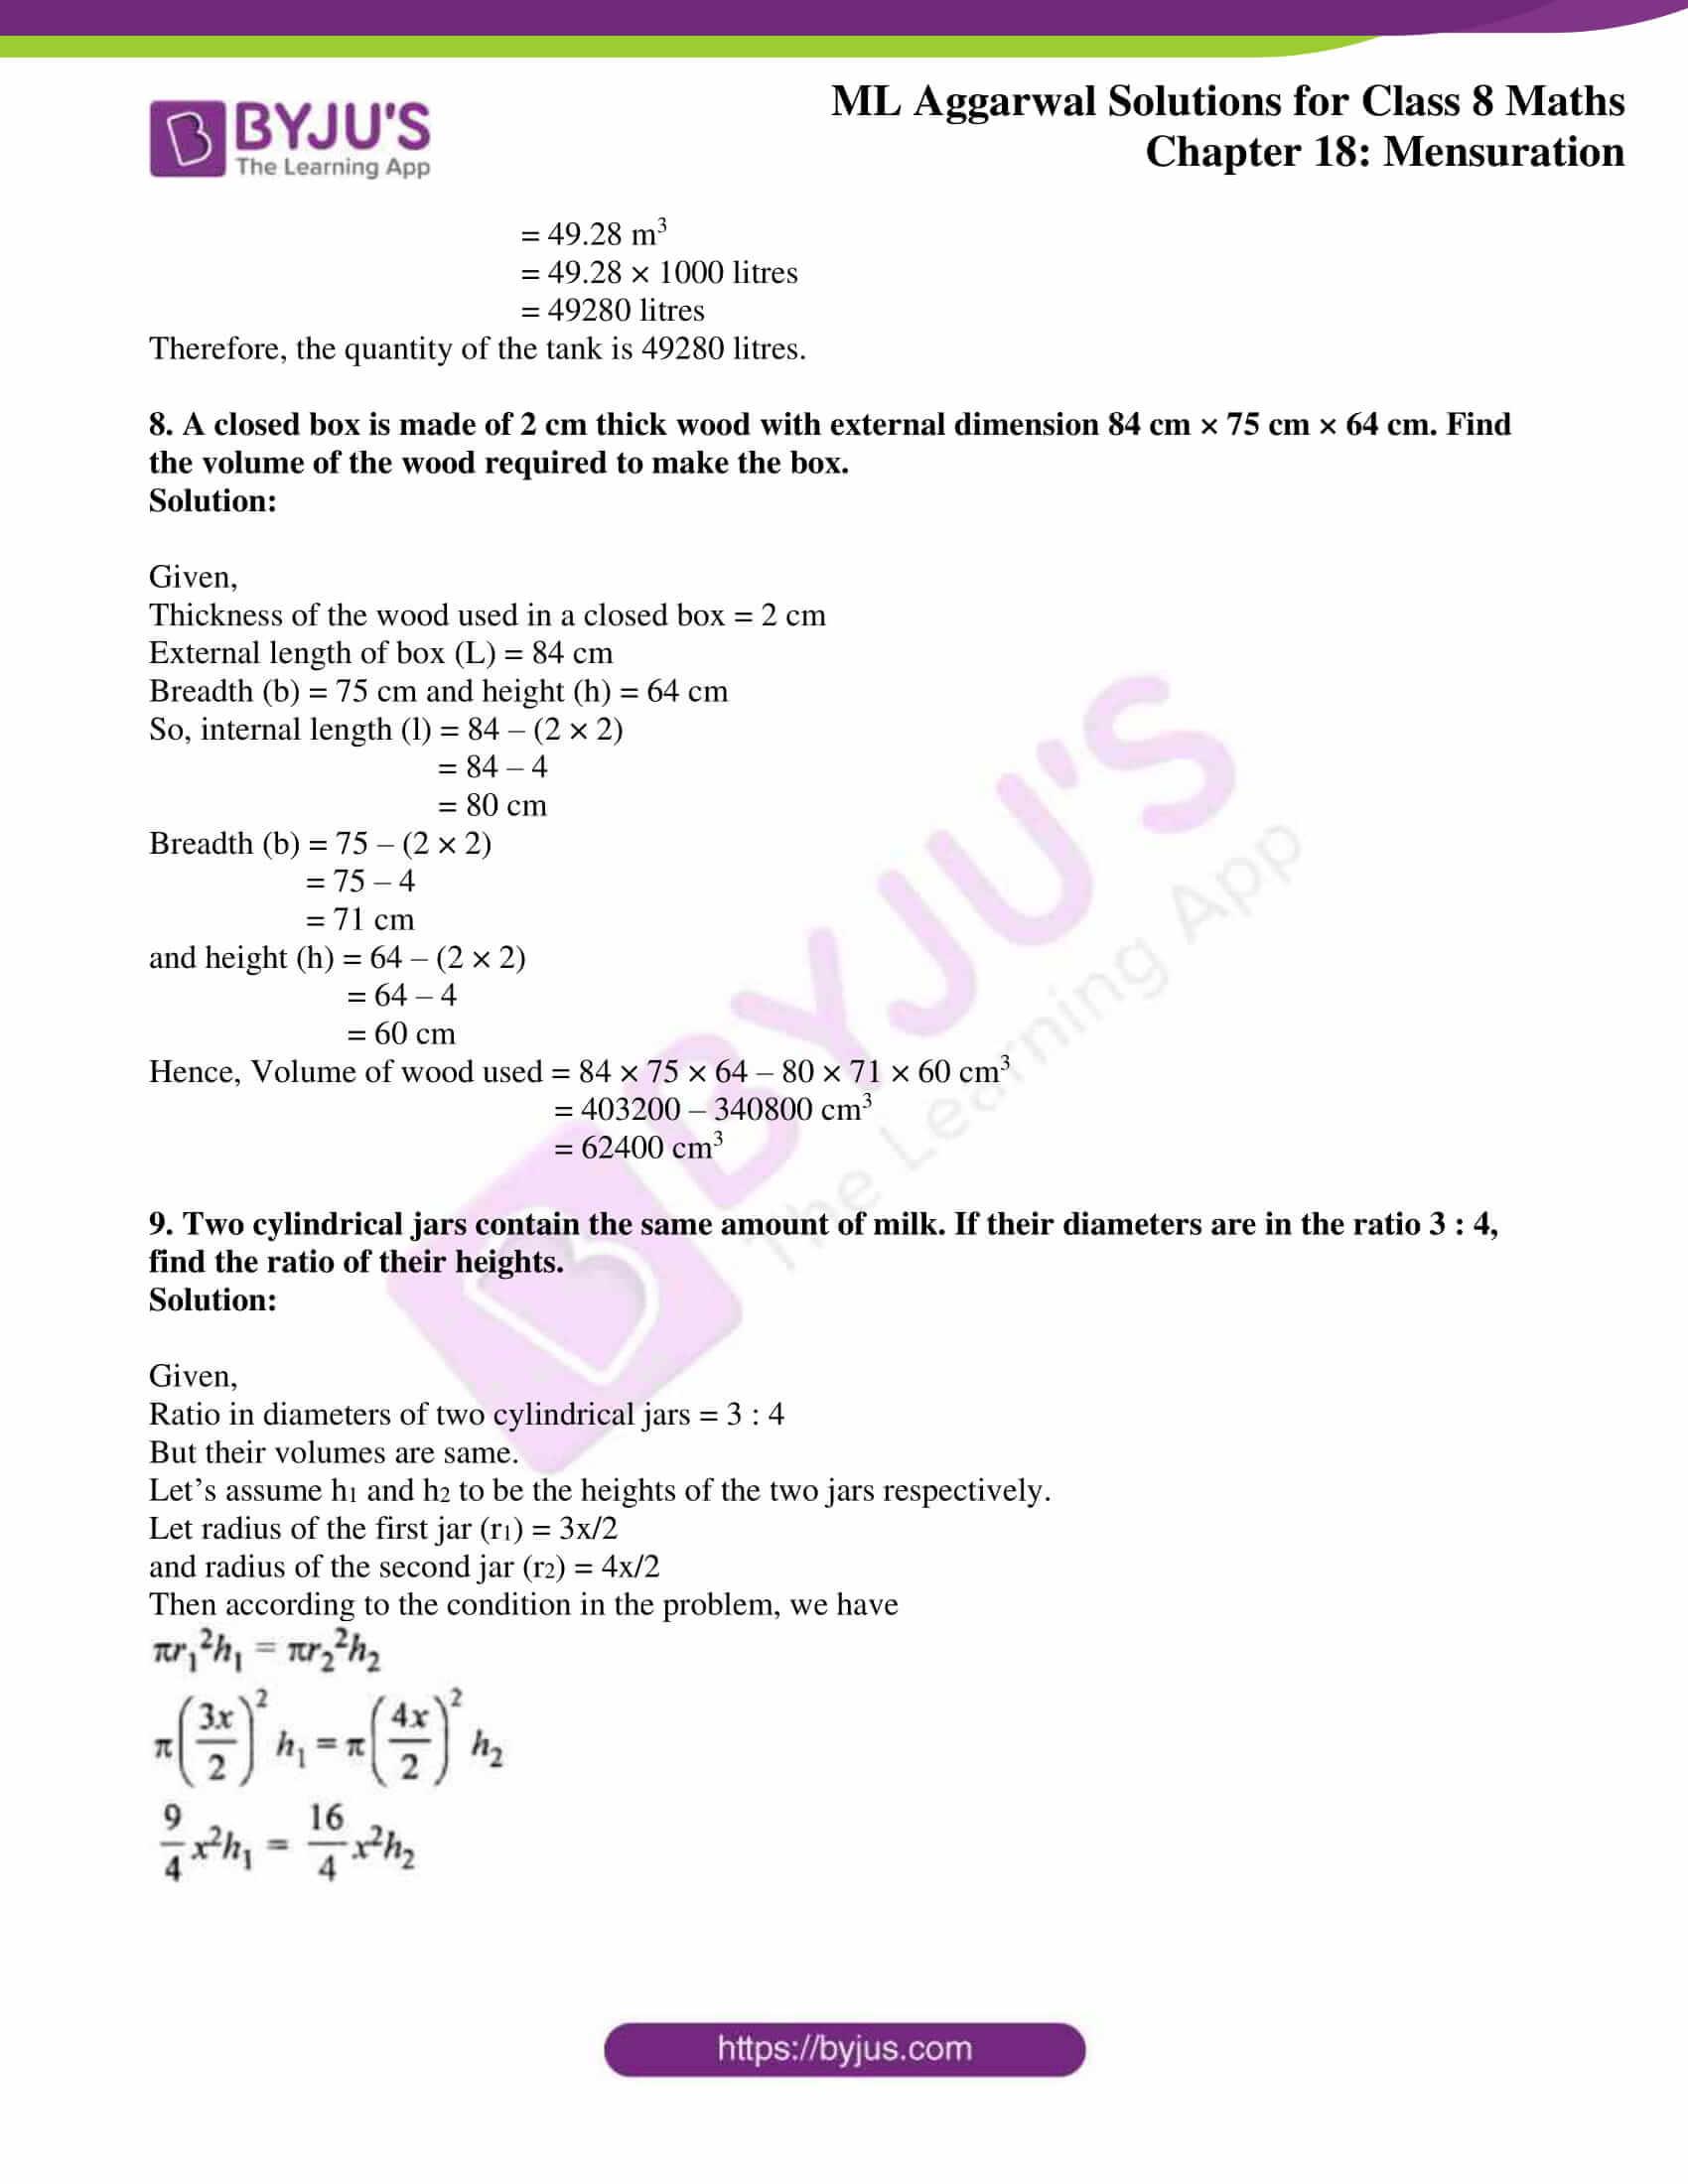 ml aggarwal sol mathematics class 8 ch 18 23